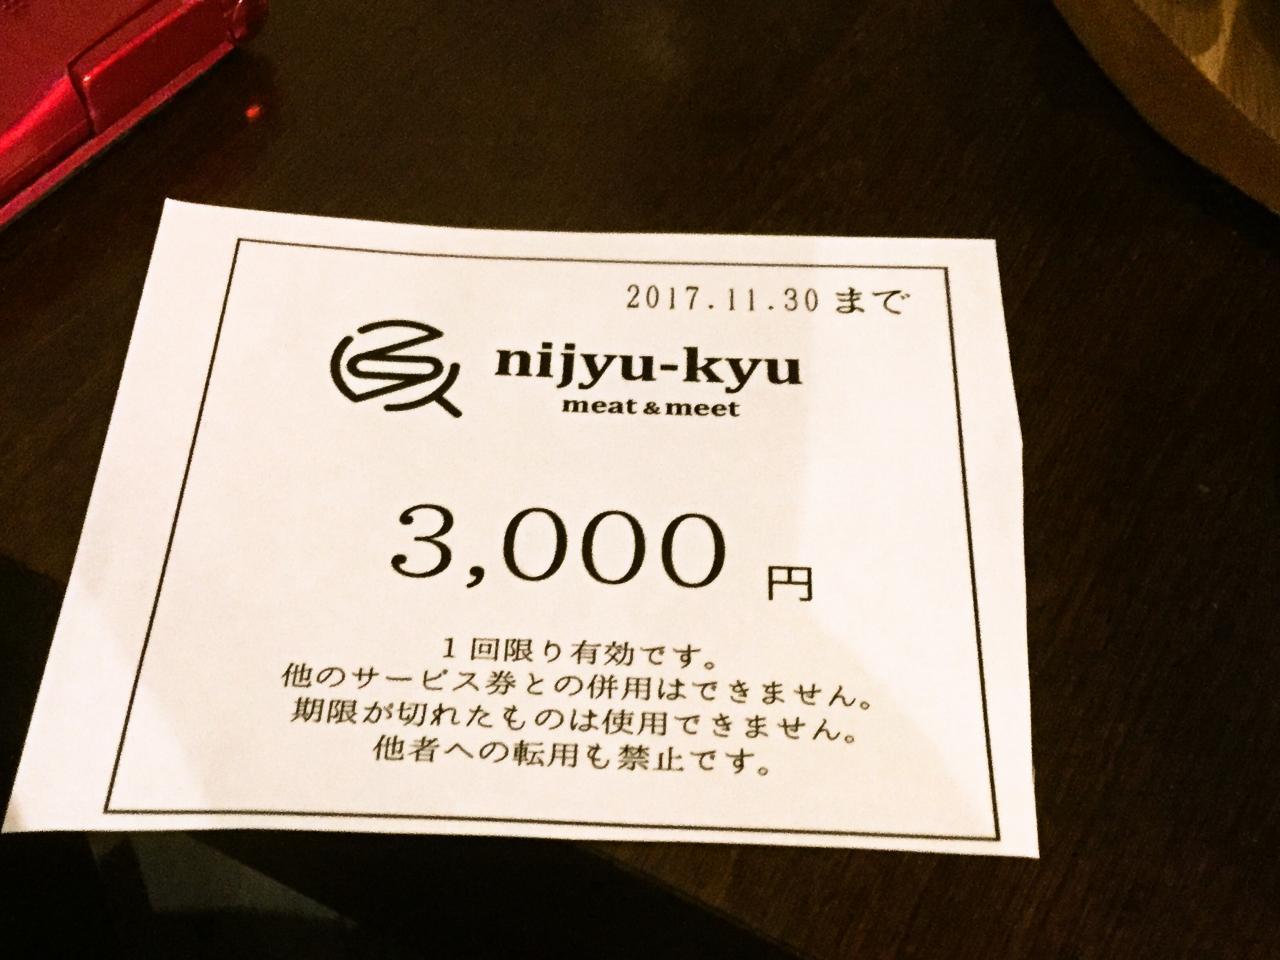 nijyu-kyu(モンスターミートチャレンジ)